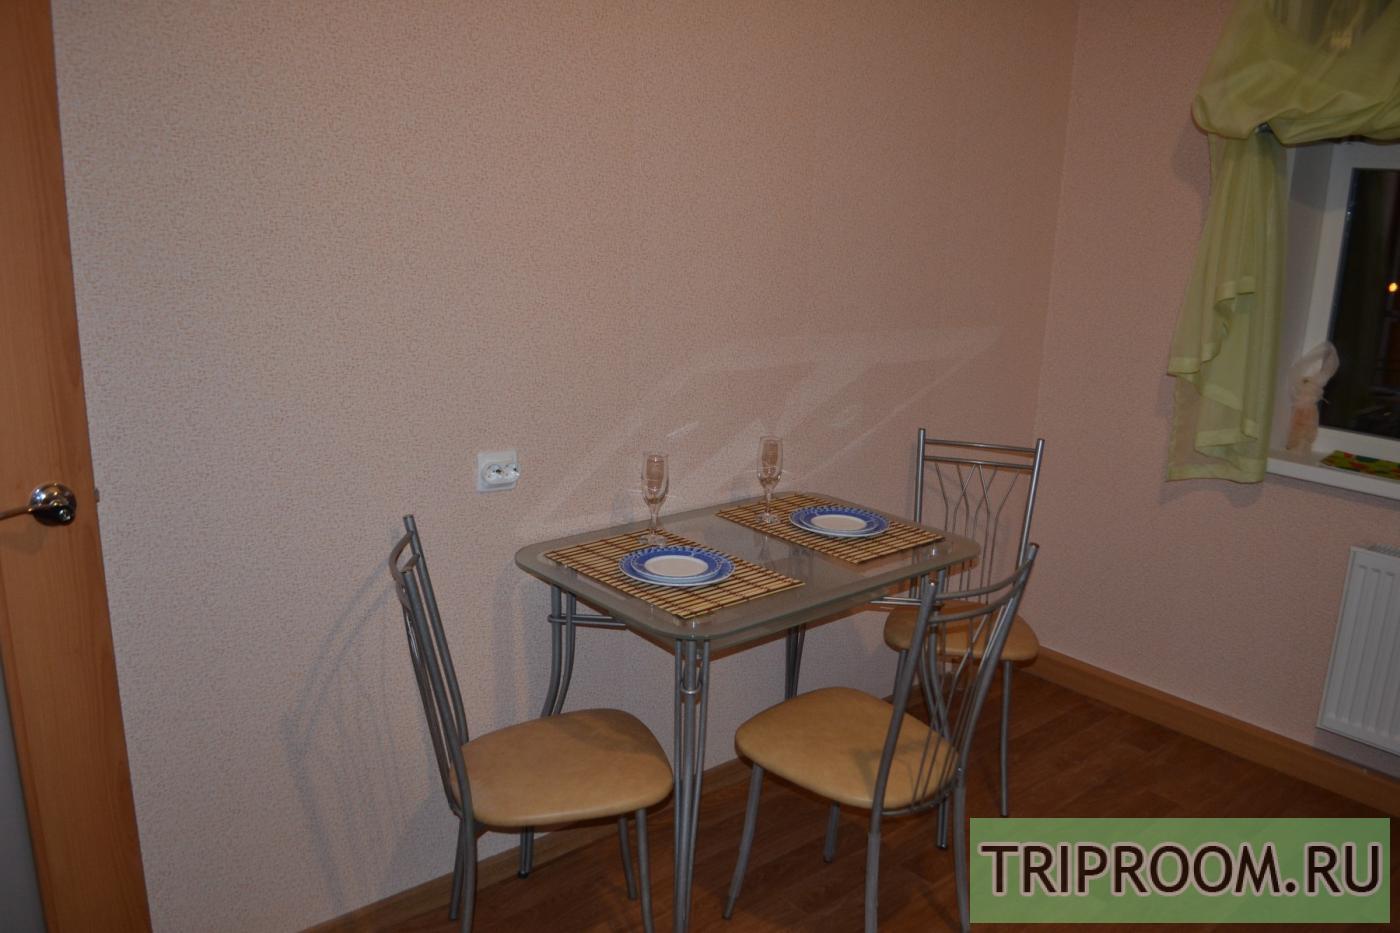 2-комнатная квартира посуточно (вариант № 23174), ул. Овчинникова улица, фото № 9